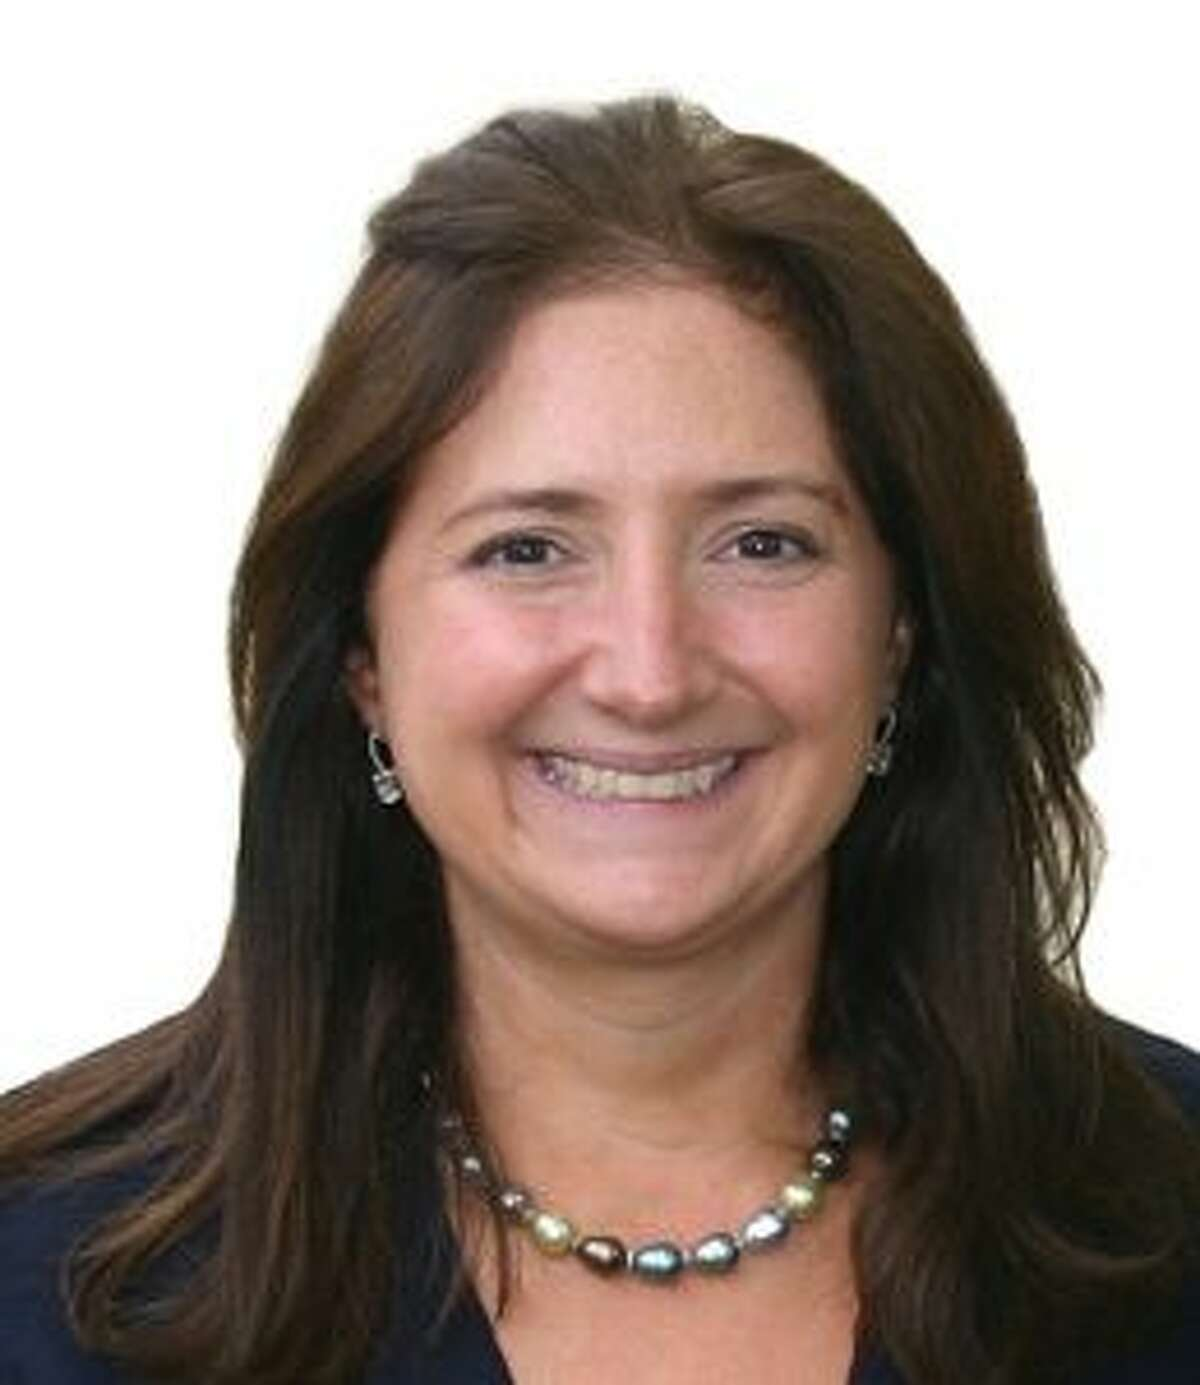 Maria Weingarten